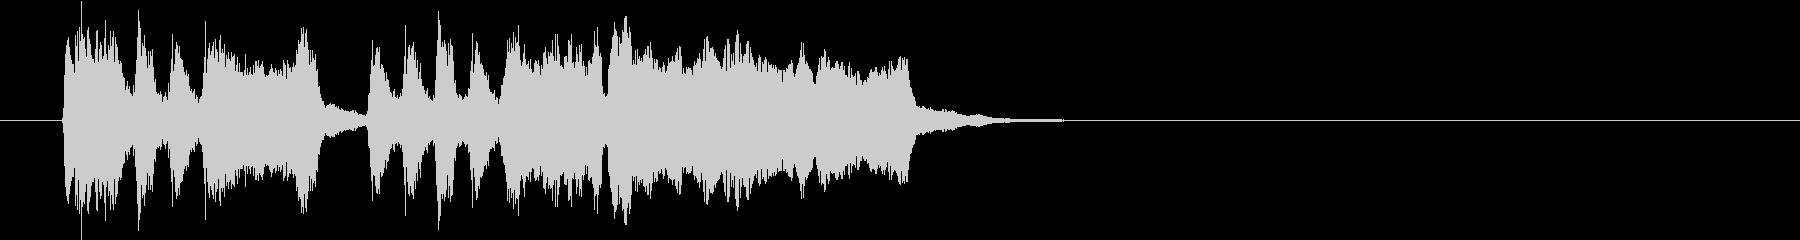 Tpファンファーレ 重厚め速め弾みめの未再生の波形